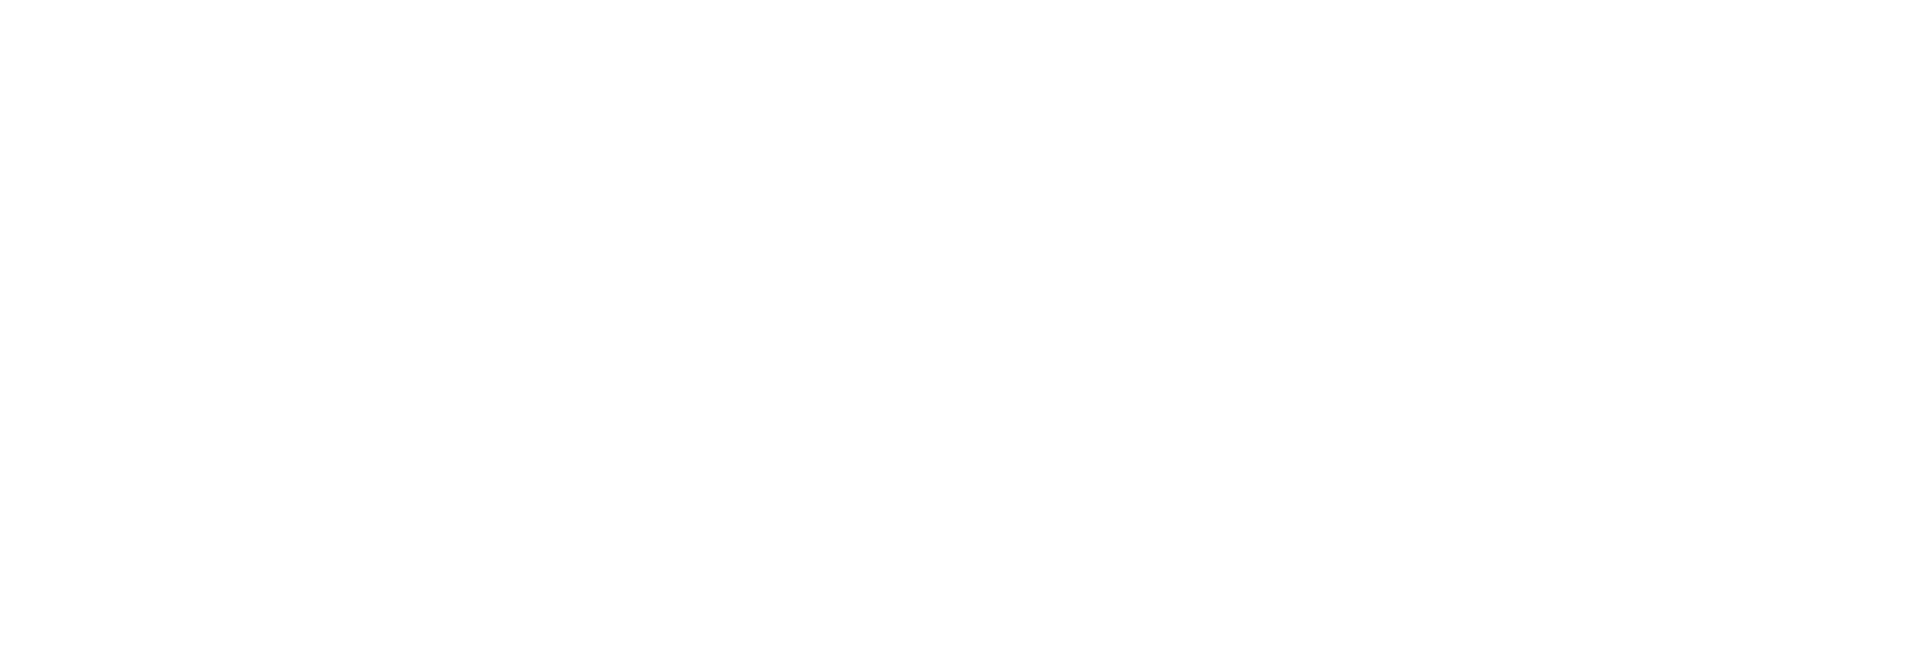 Nutrihealth